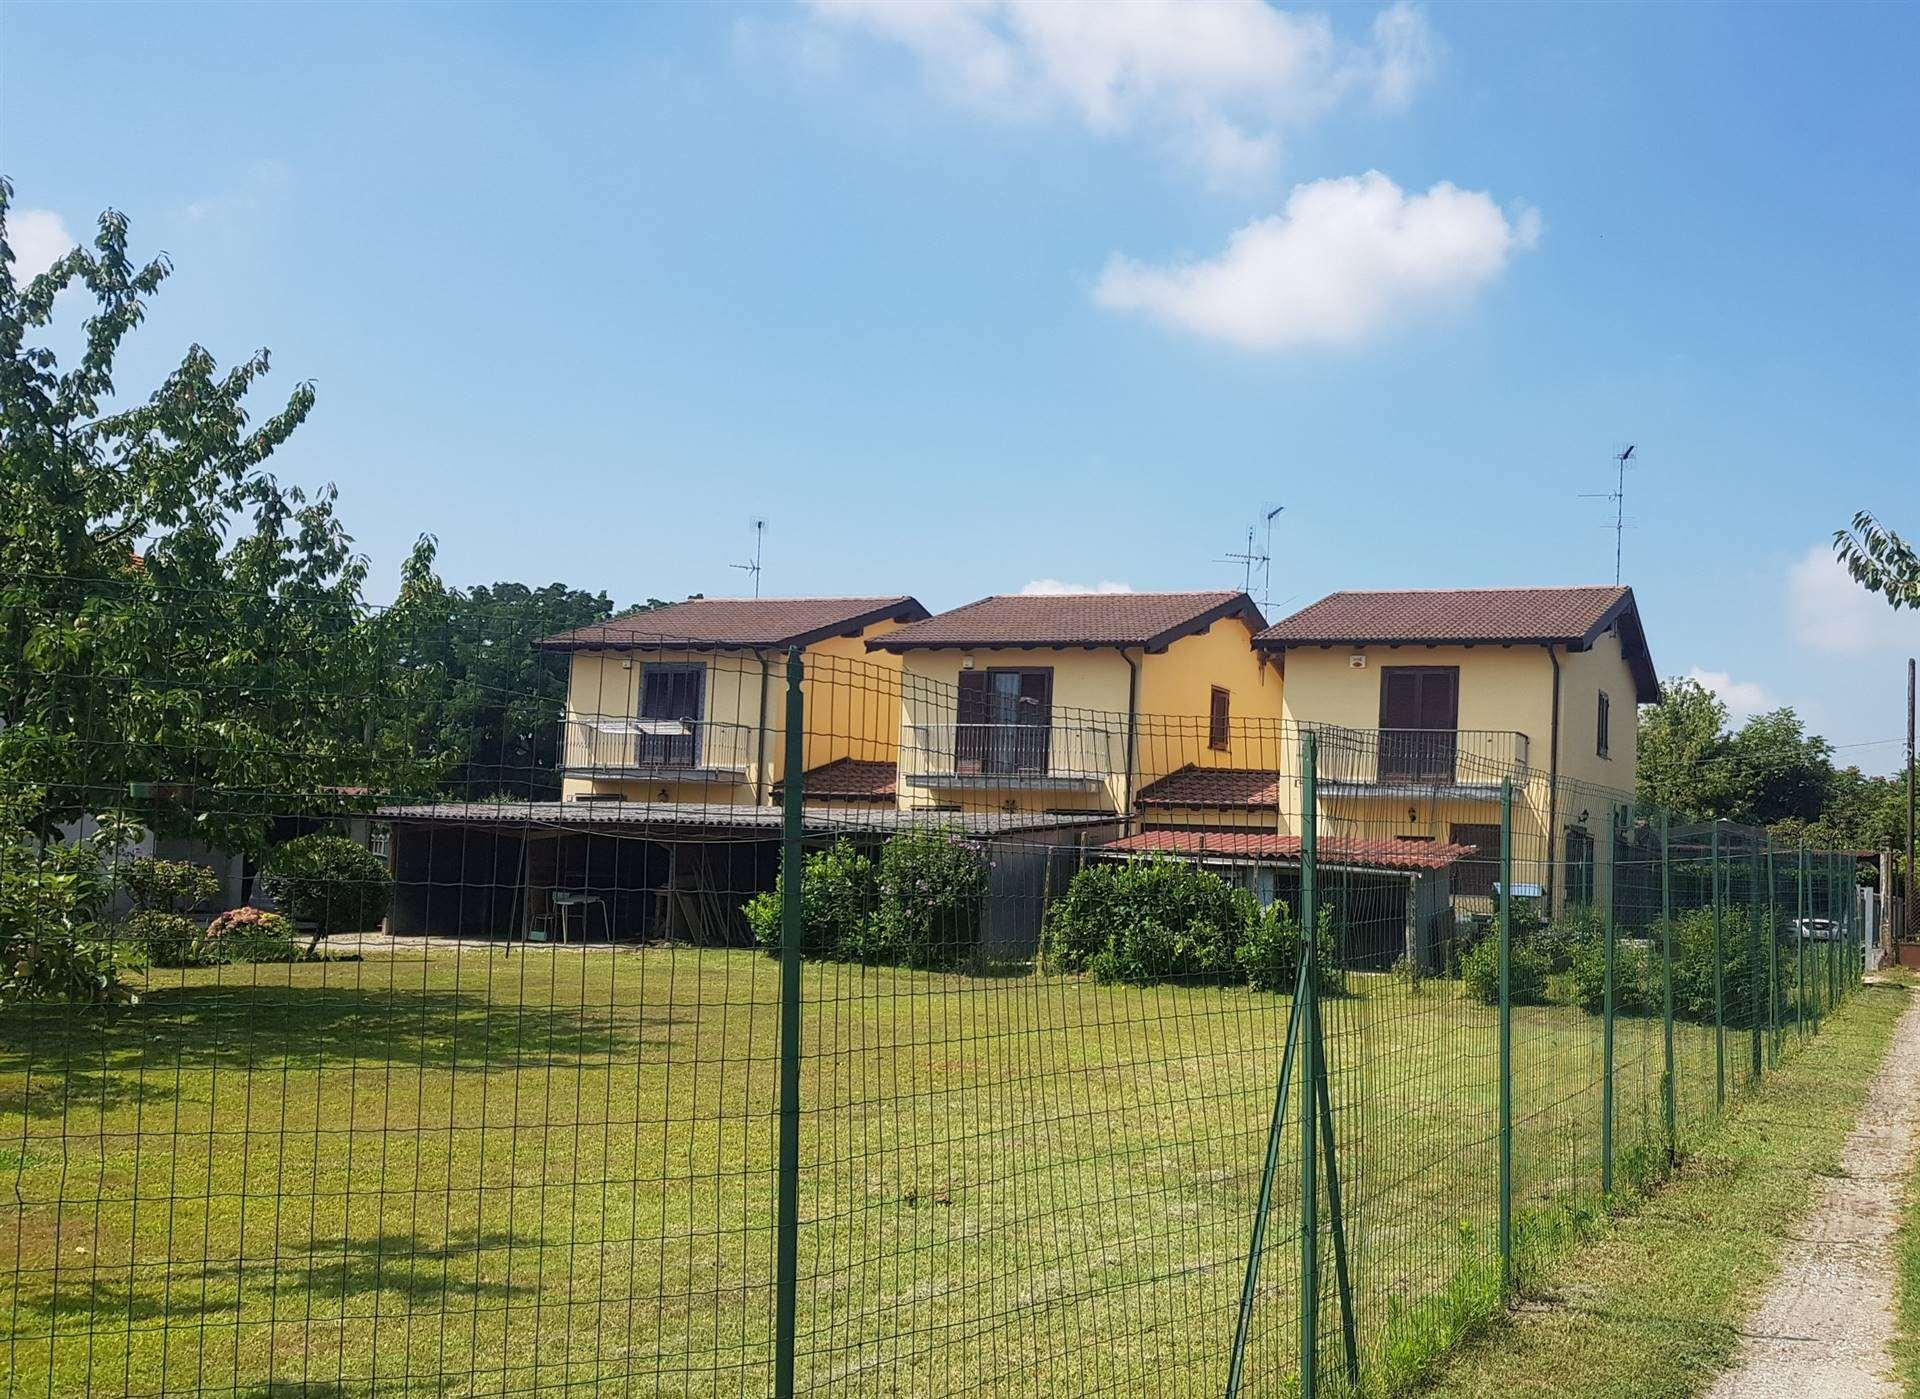 Villa in vendita a Vigevano, 4 locali, prezzo € 180.000 | PortaleAgenzieImmobiliari.it